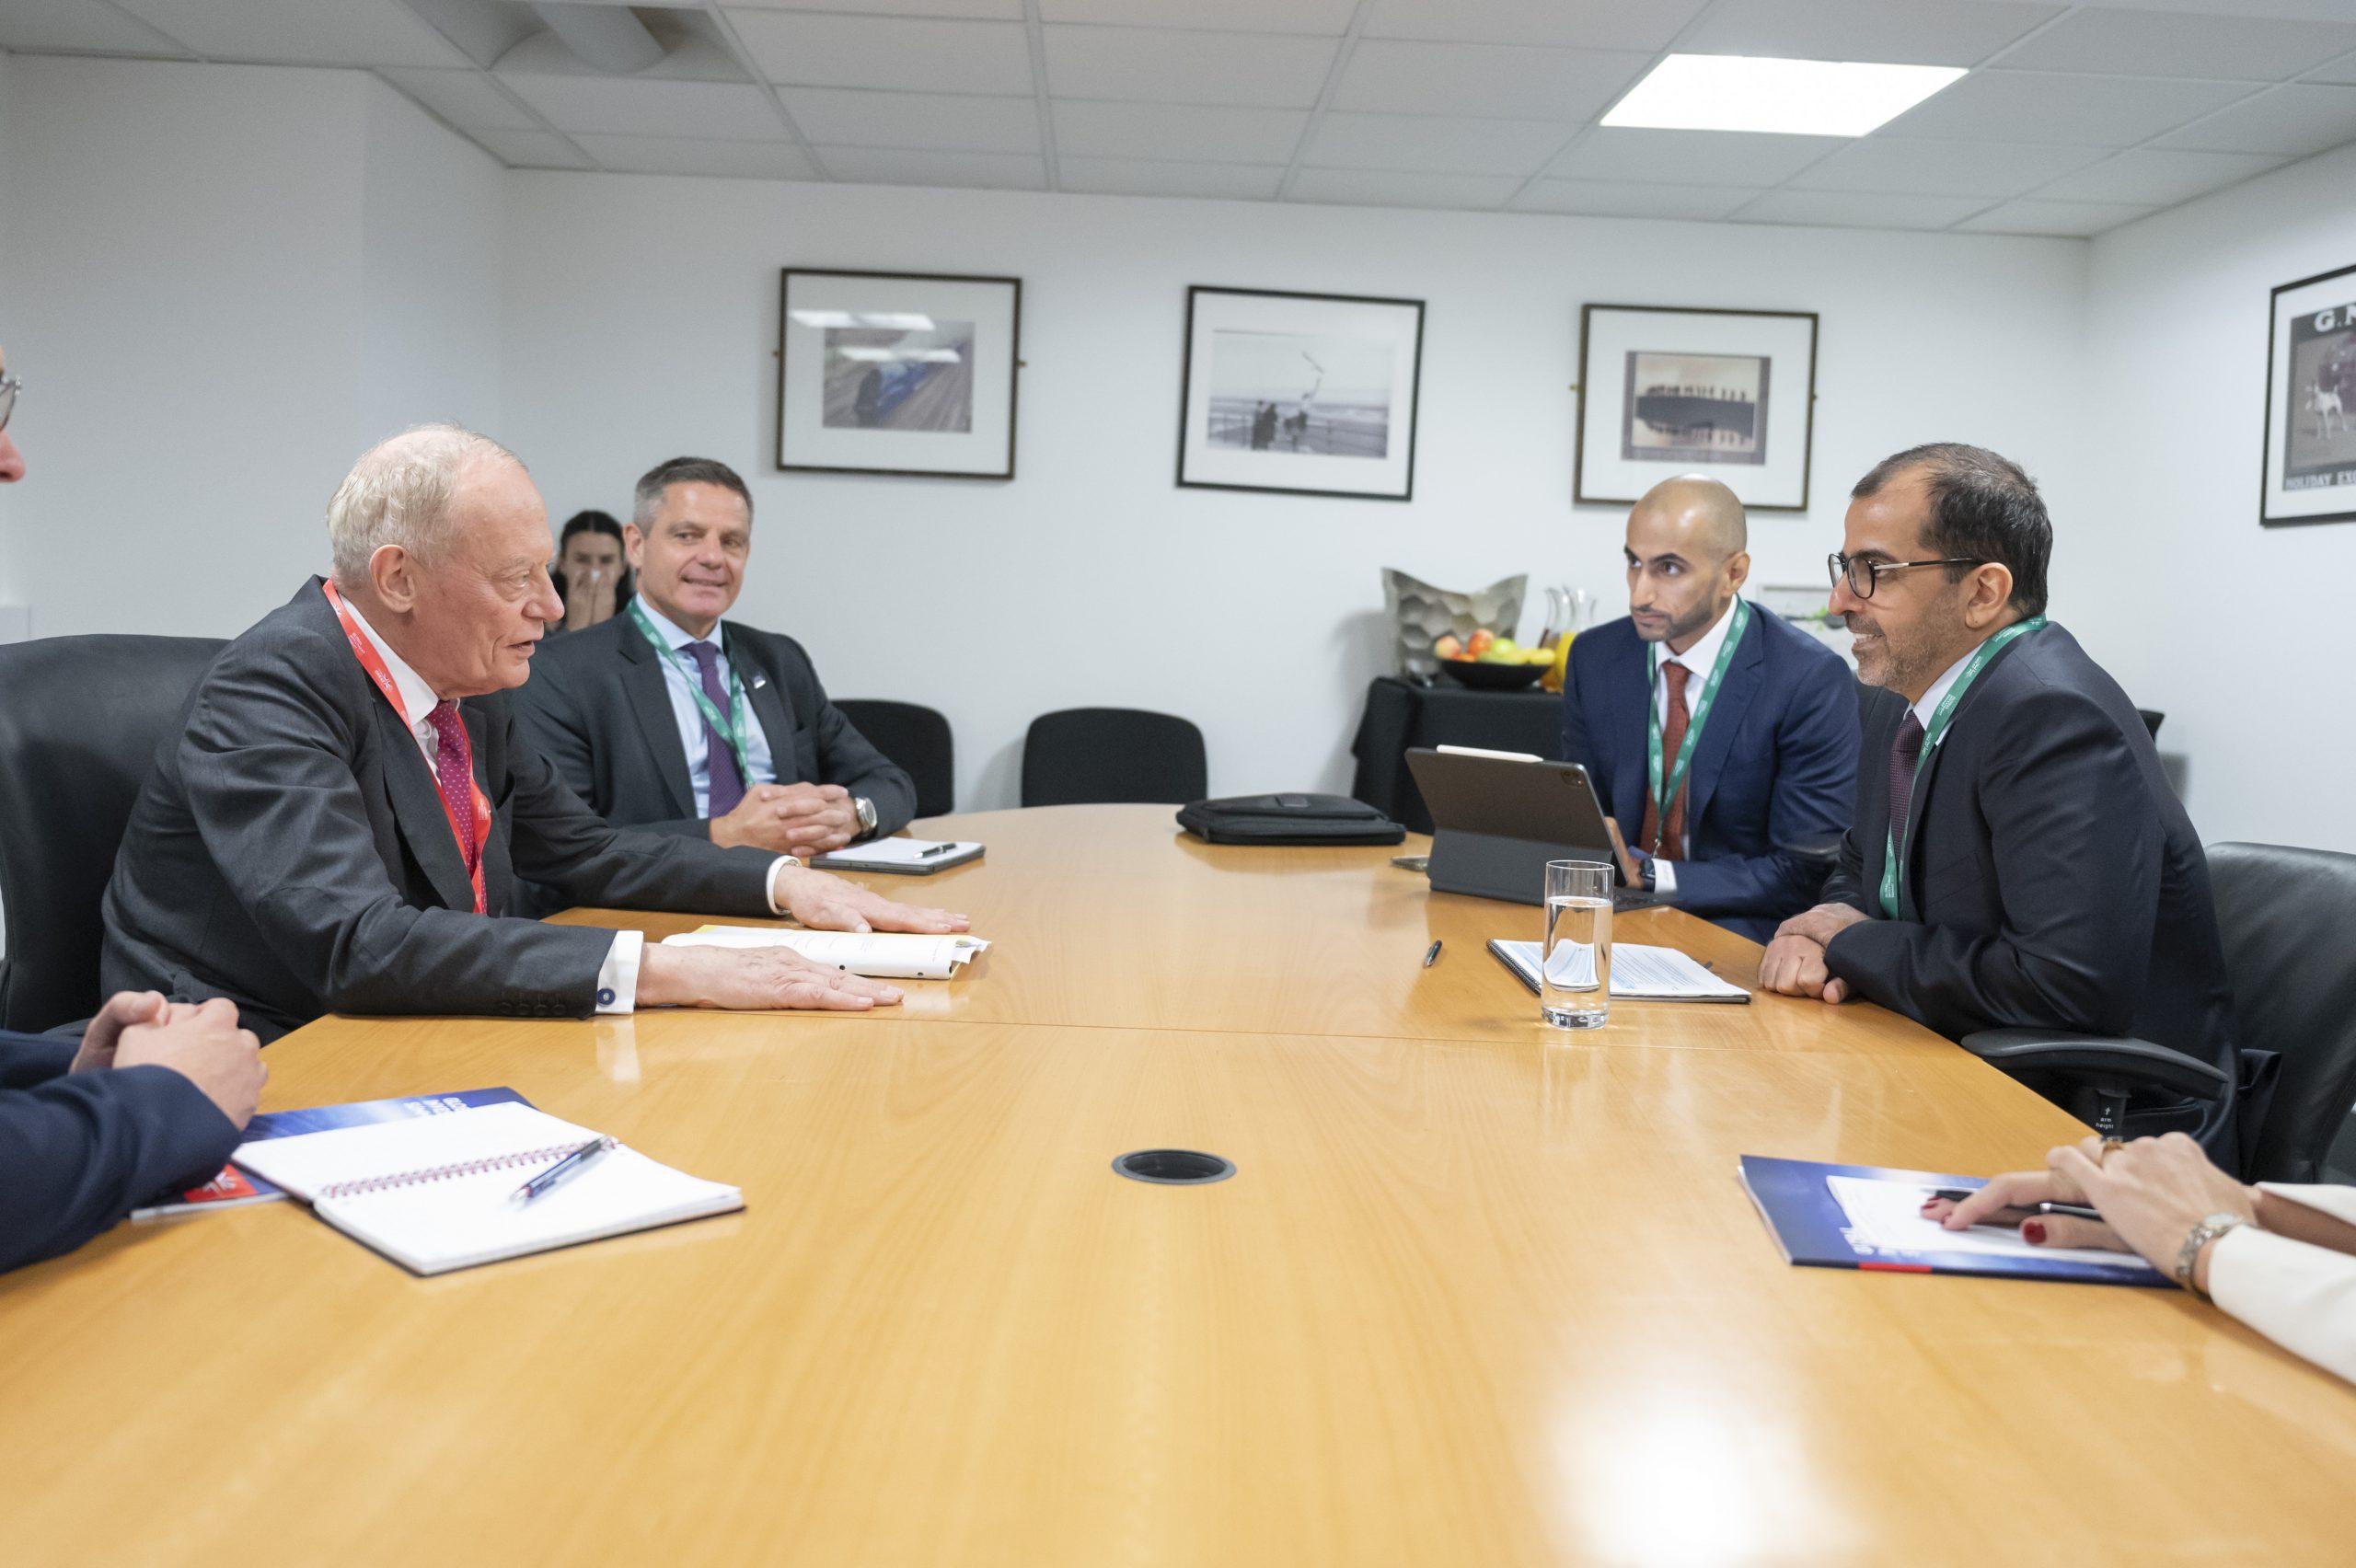 حامد بن زايد يلتقي عددا من الوزراء البريطانيين على هامش قمة الاستثمار العالمية لندن 2021